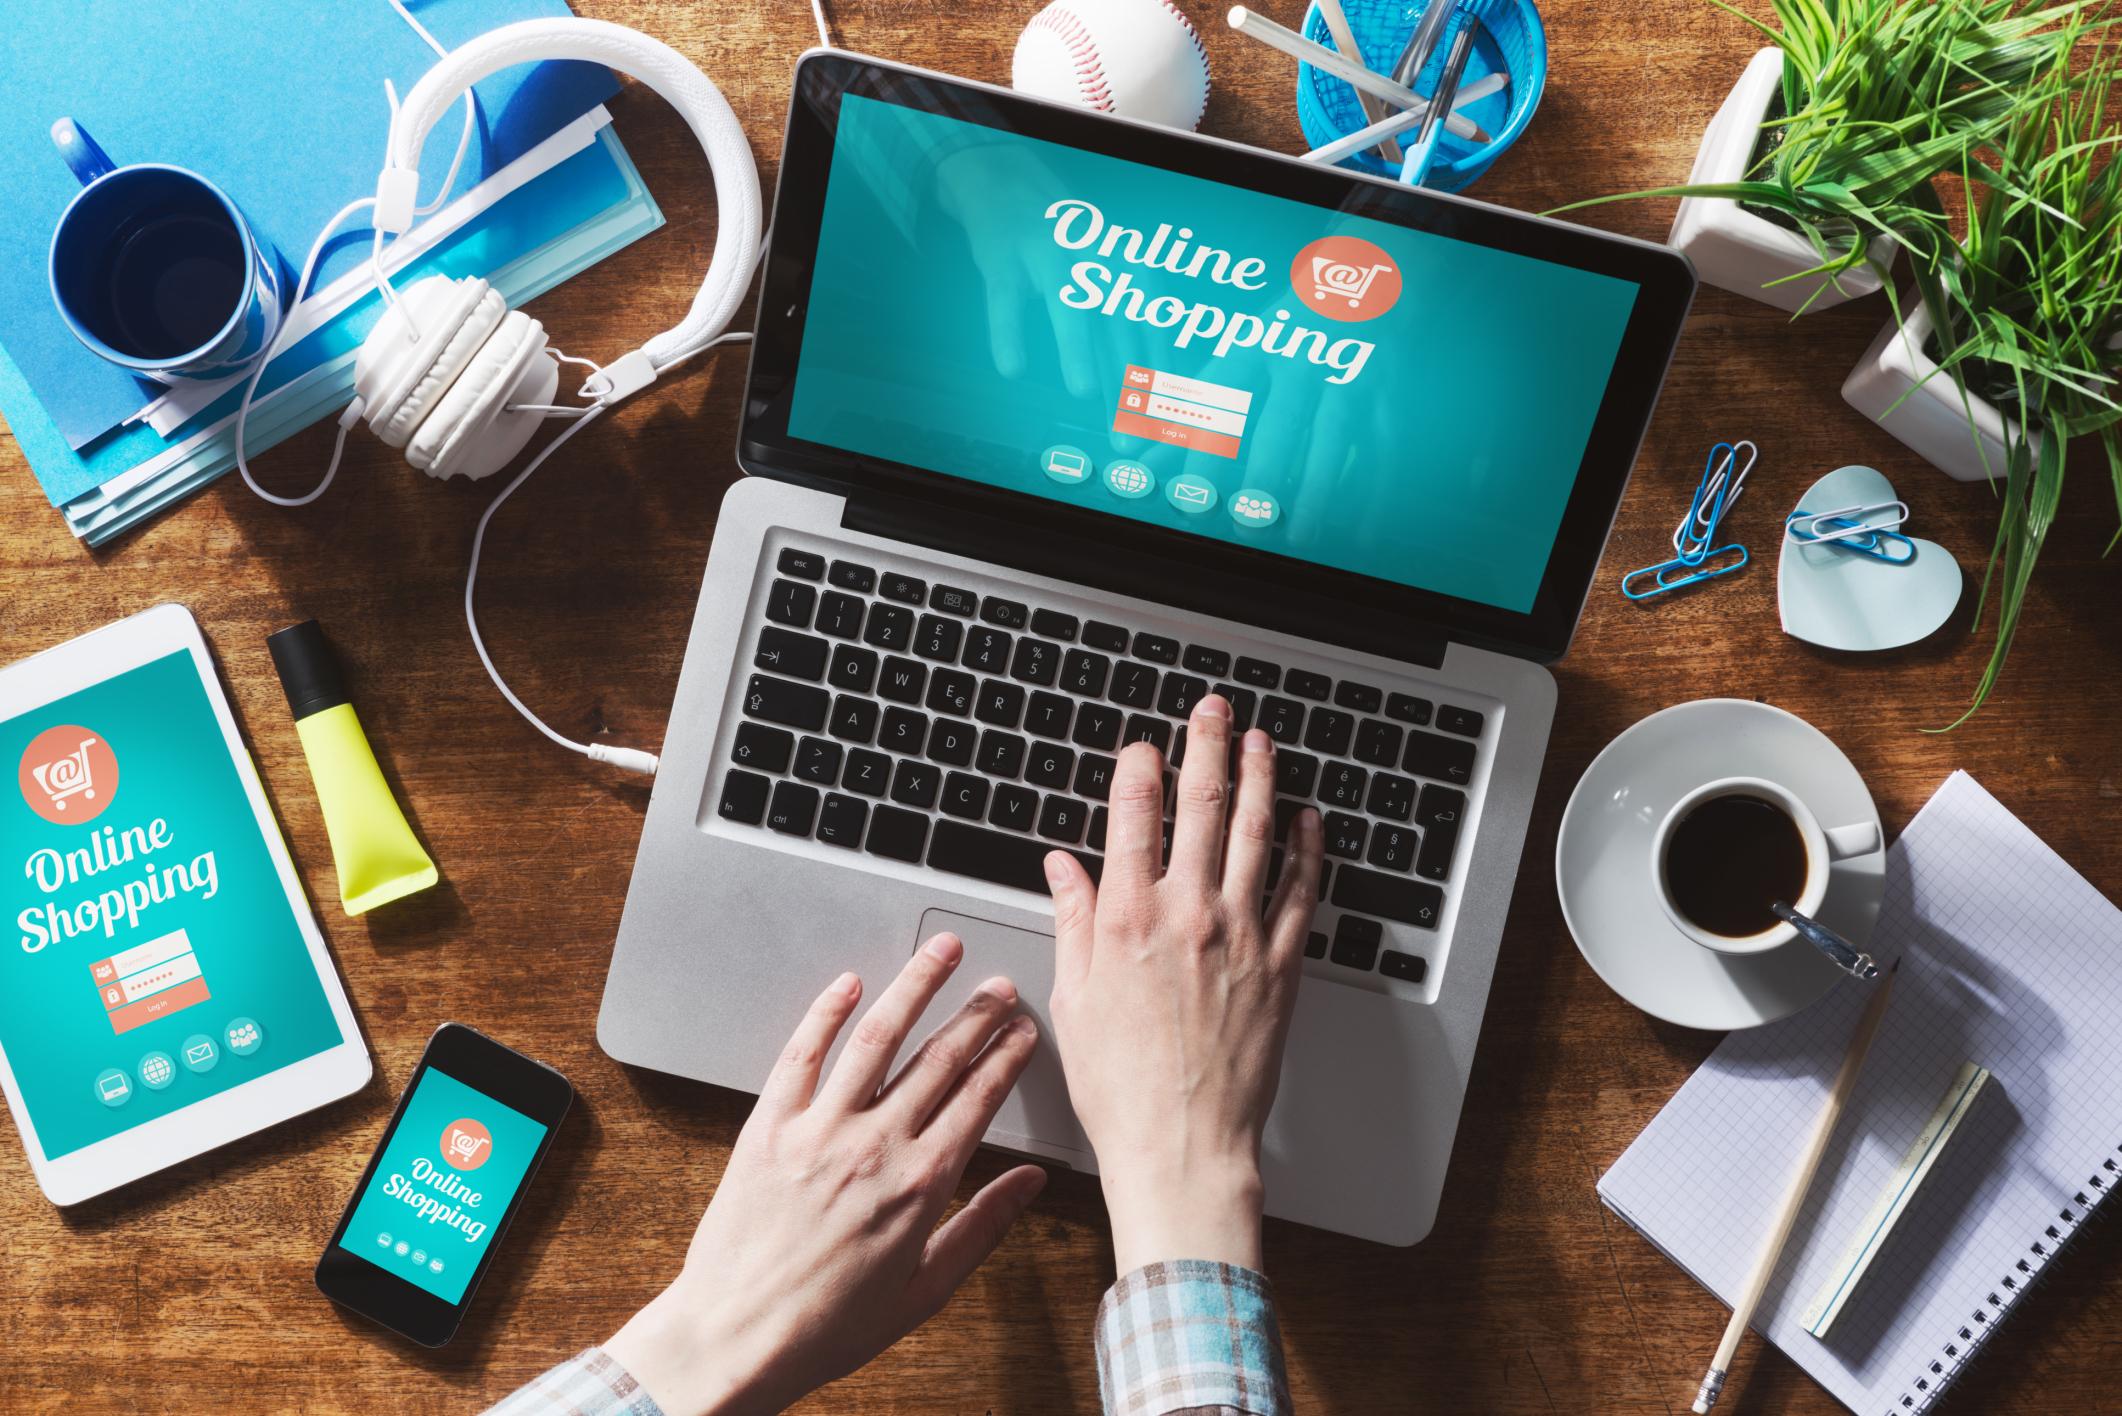 Mempromosikan Situs Belanja Online yang Baru Kita Buat